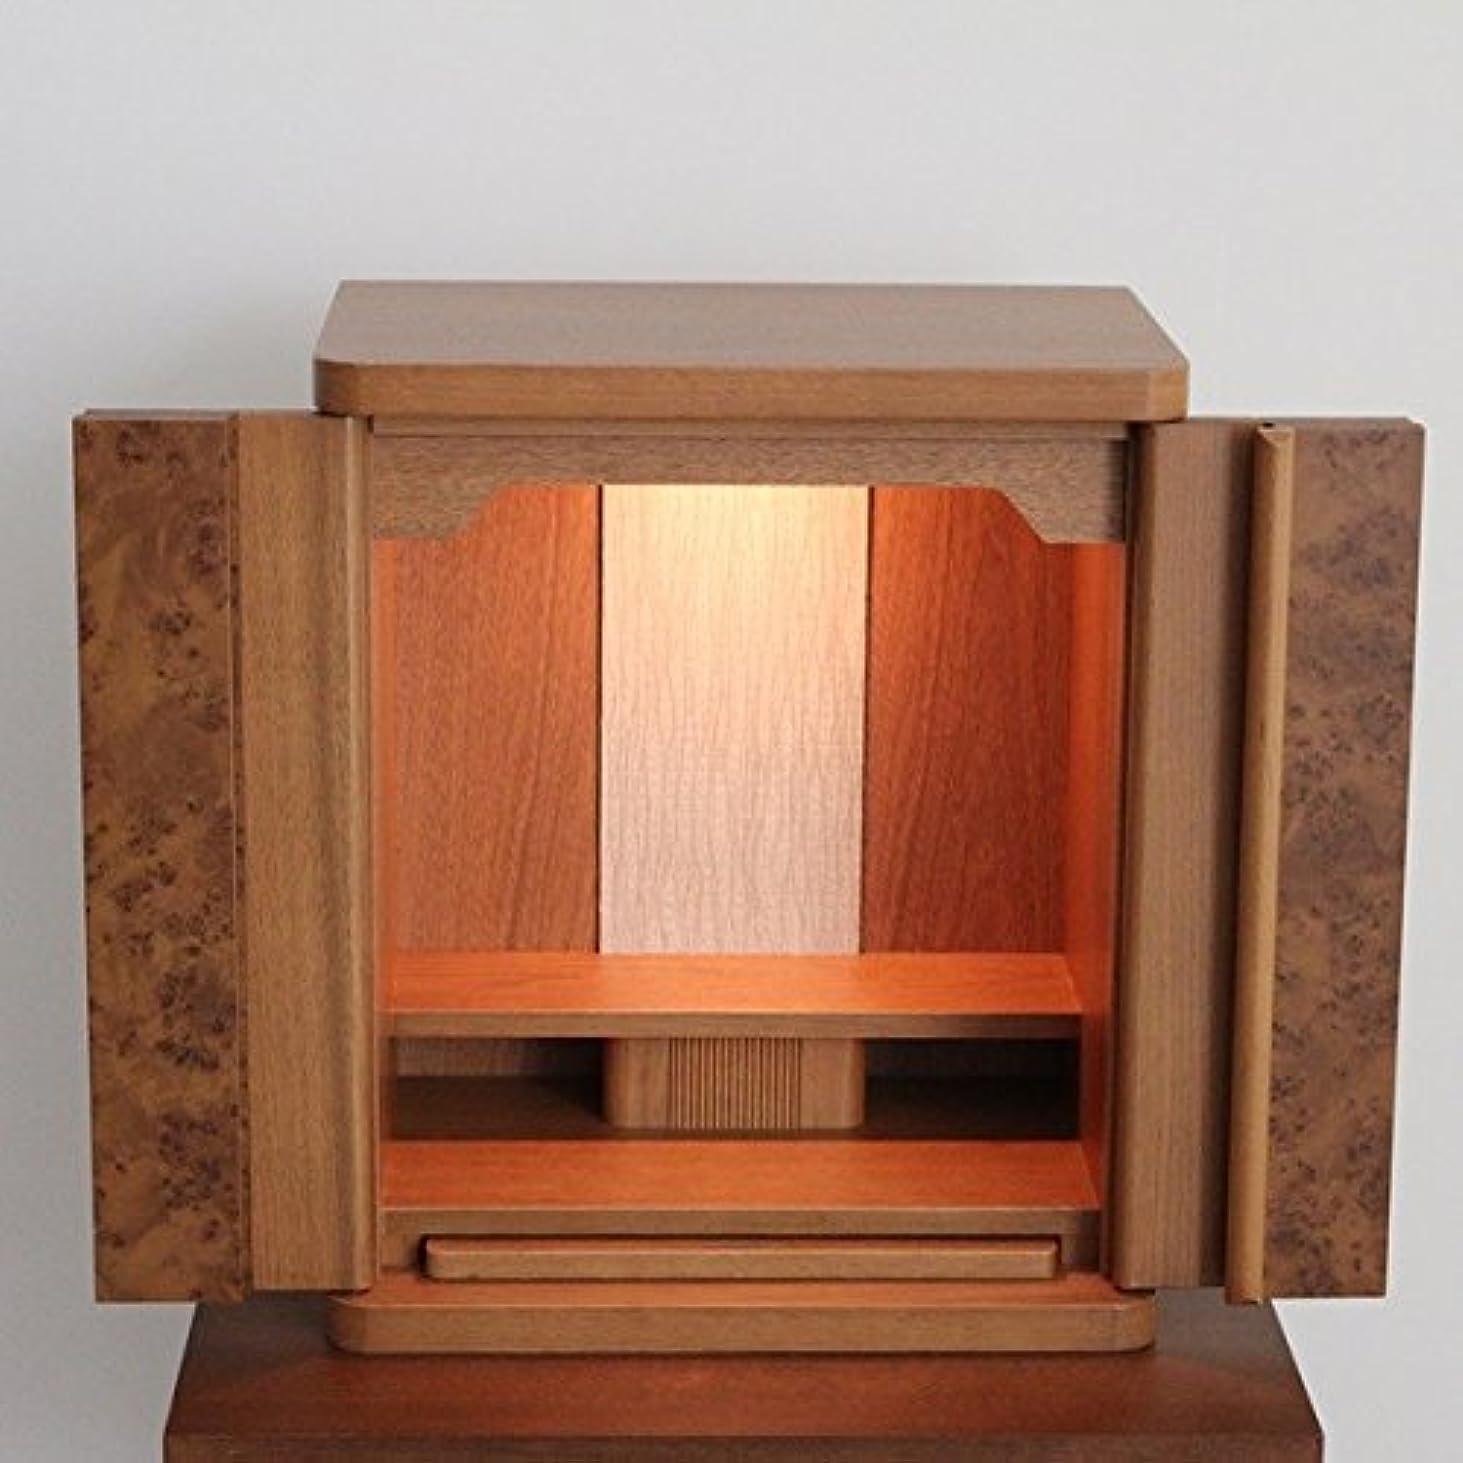 順番常習者なぞらえる仏壇 国産 14号 家具調モダン仏壇 小型 クルミ総張材 玉木仕上げ